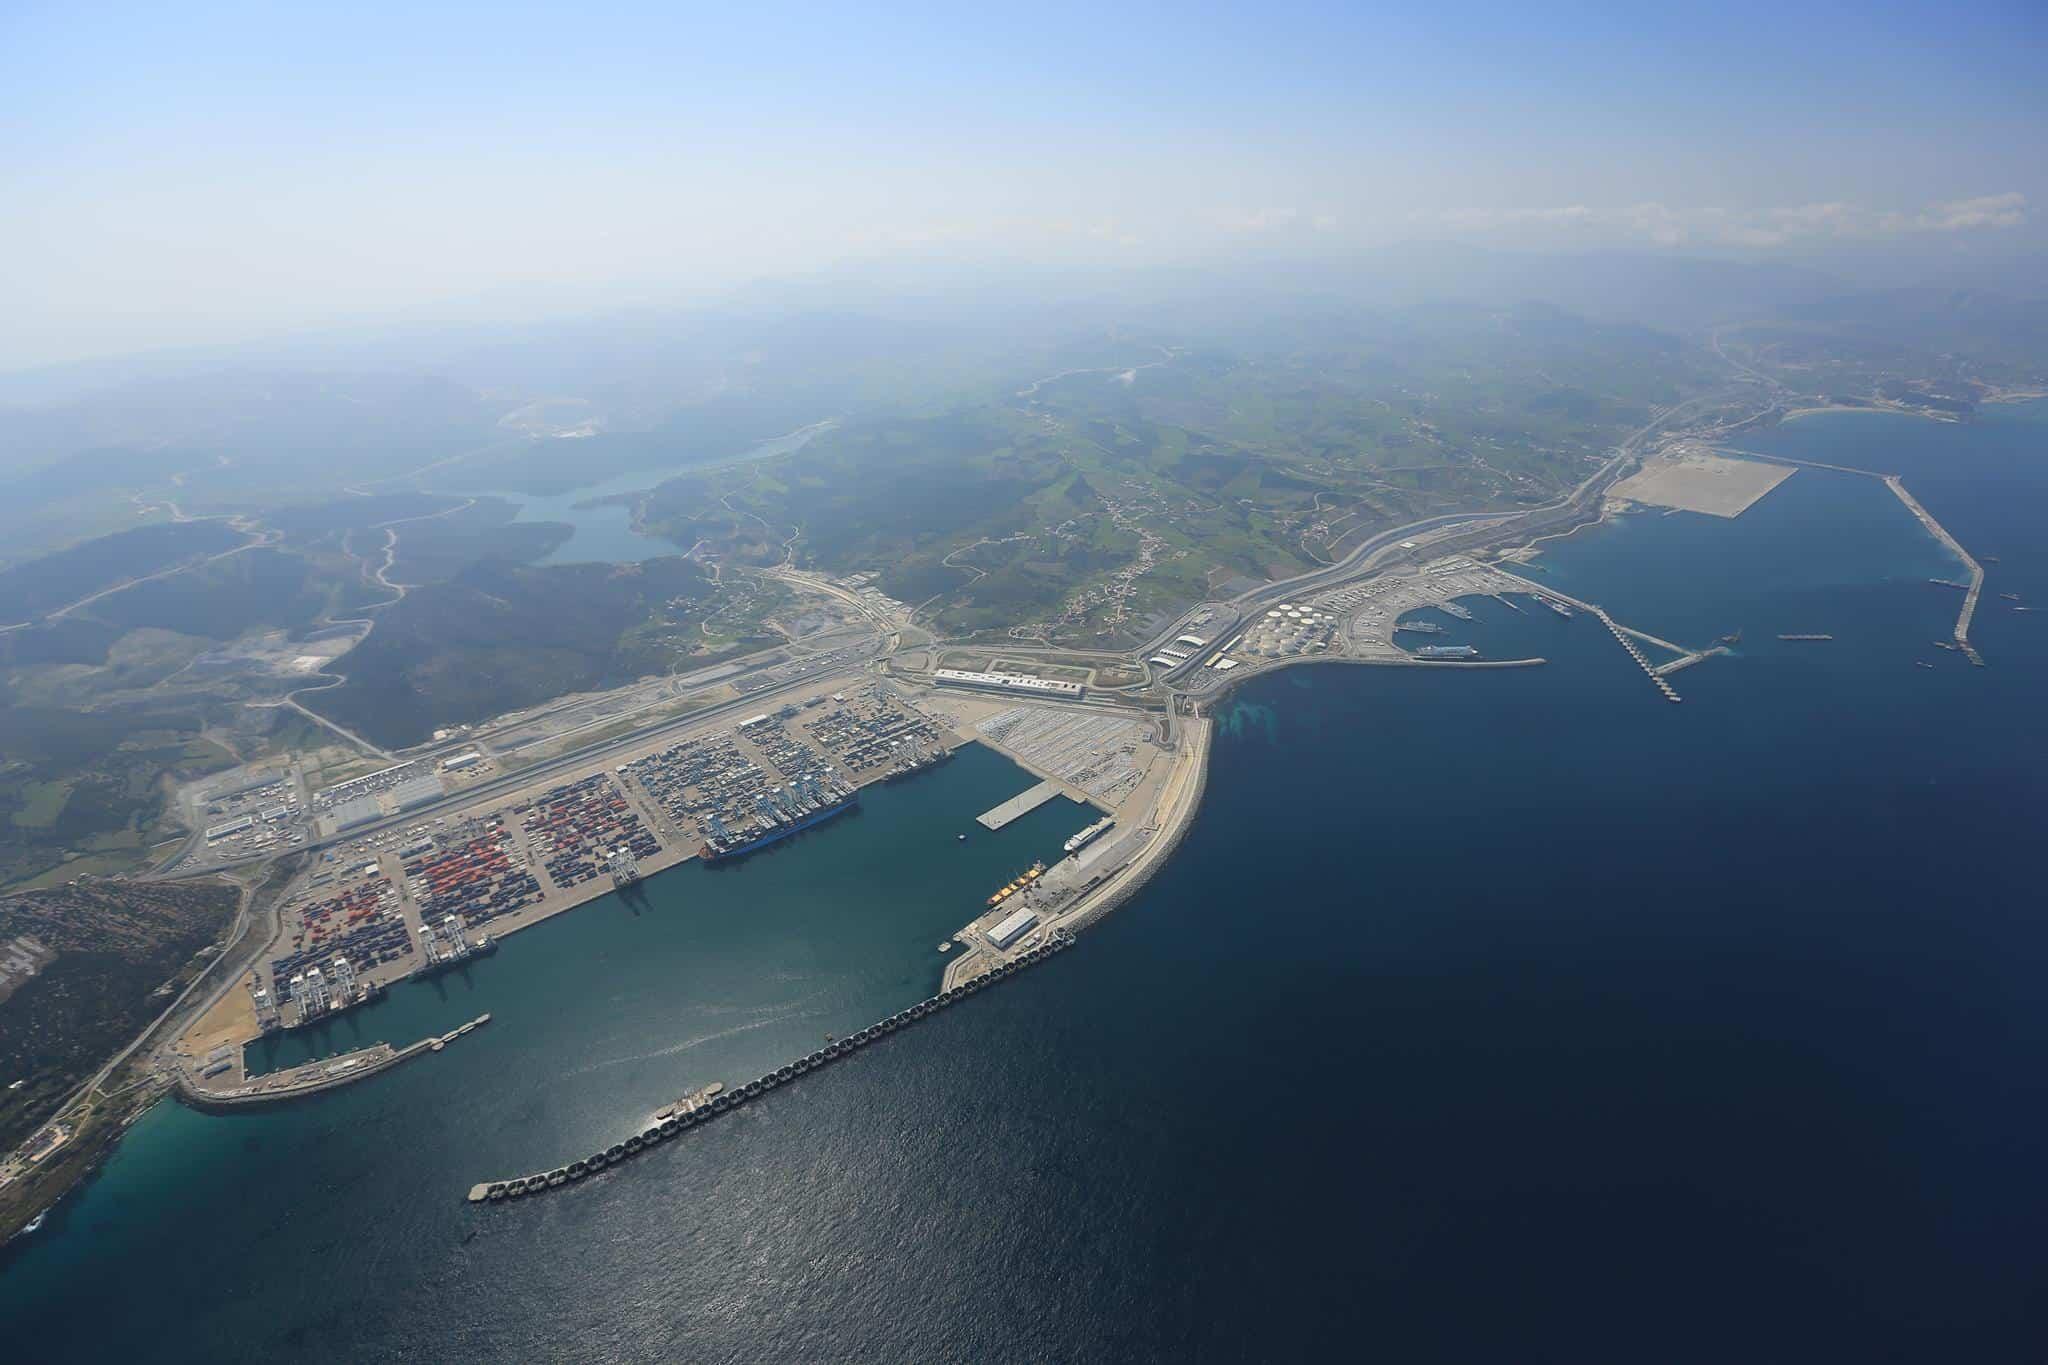 Tanger Med enjoys strong half year